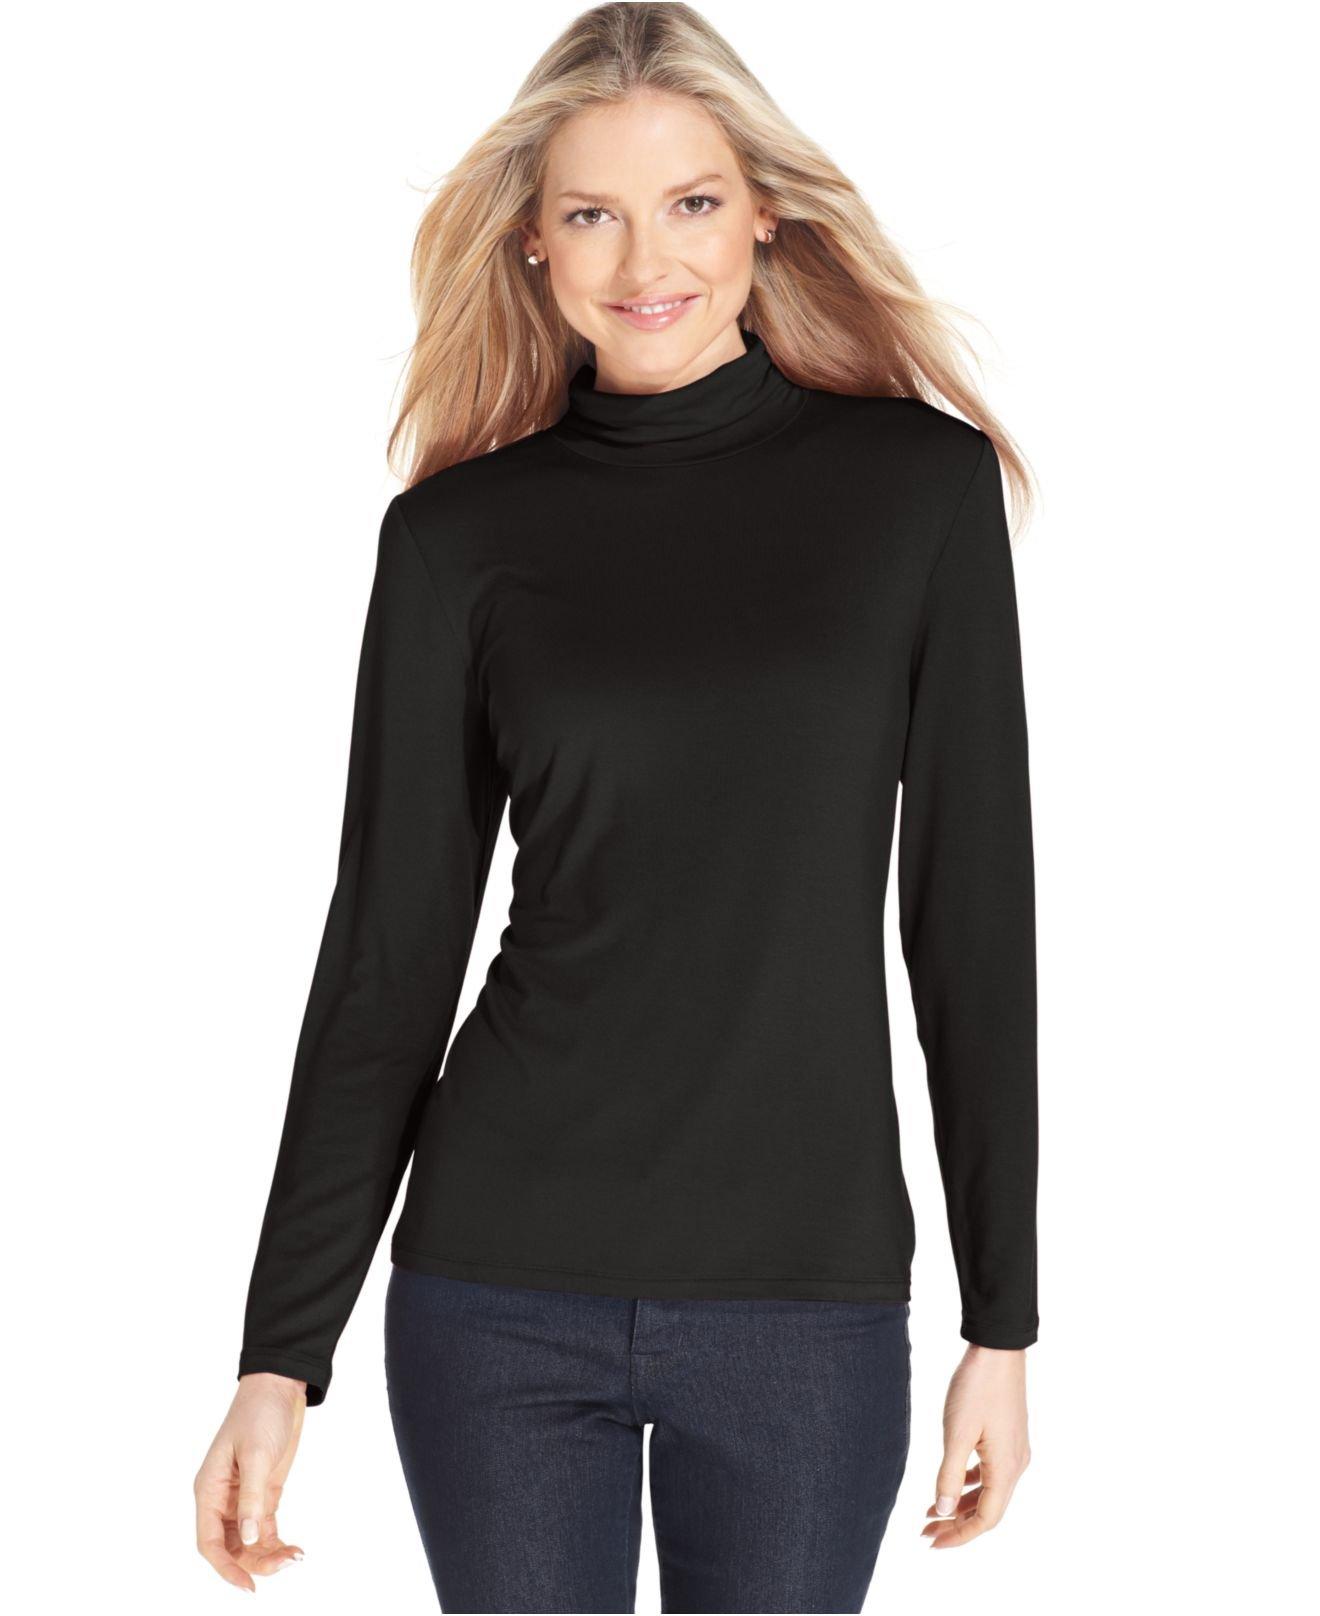 Wear a Mock Turtleneck shirt from Macy's. Find the styling in a Men's Mock Turtleneck or Women's Mock Turtleneck design.